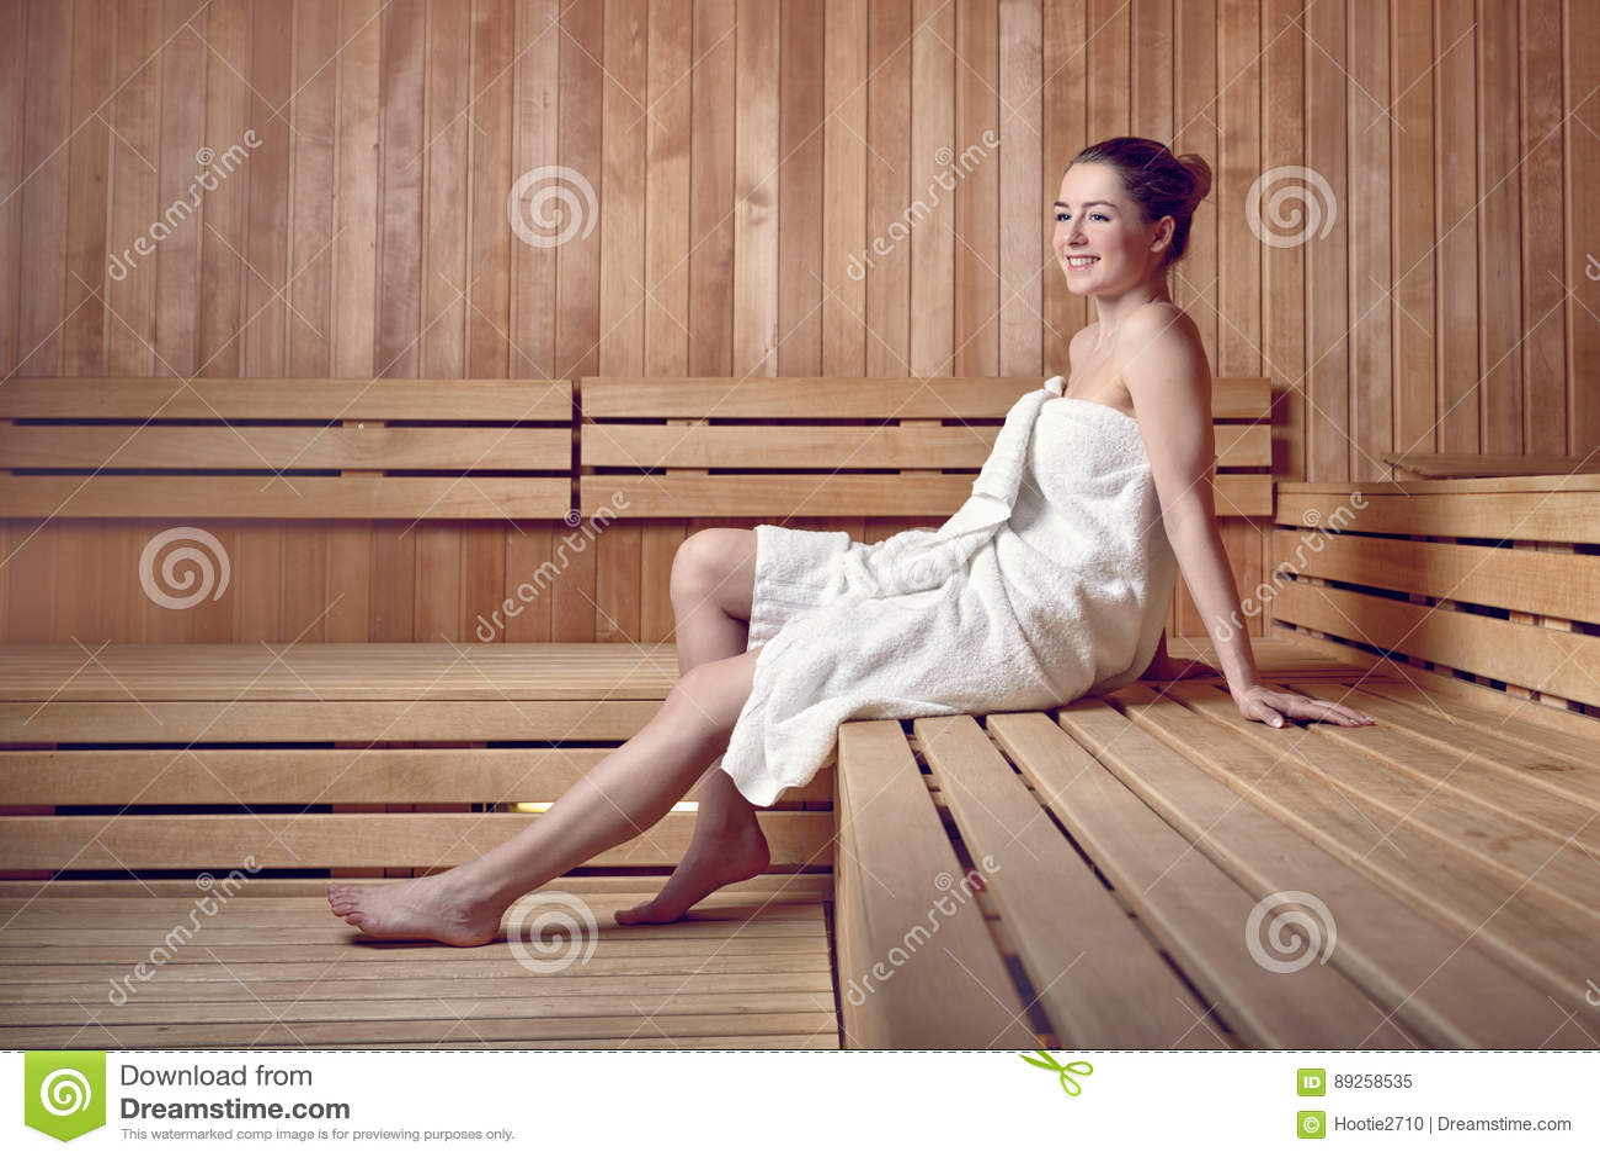 Junge Frau In Der Sauna Stockbild Bild Von Immun Gesund 89258535